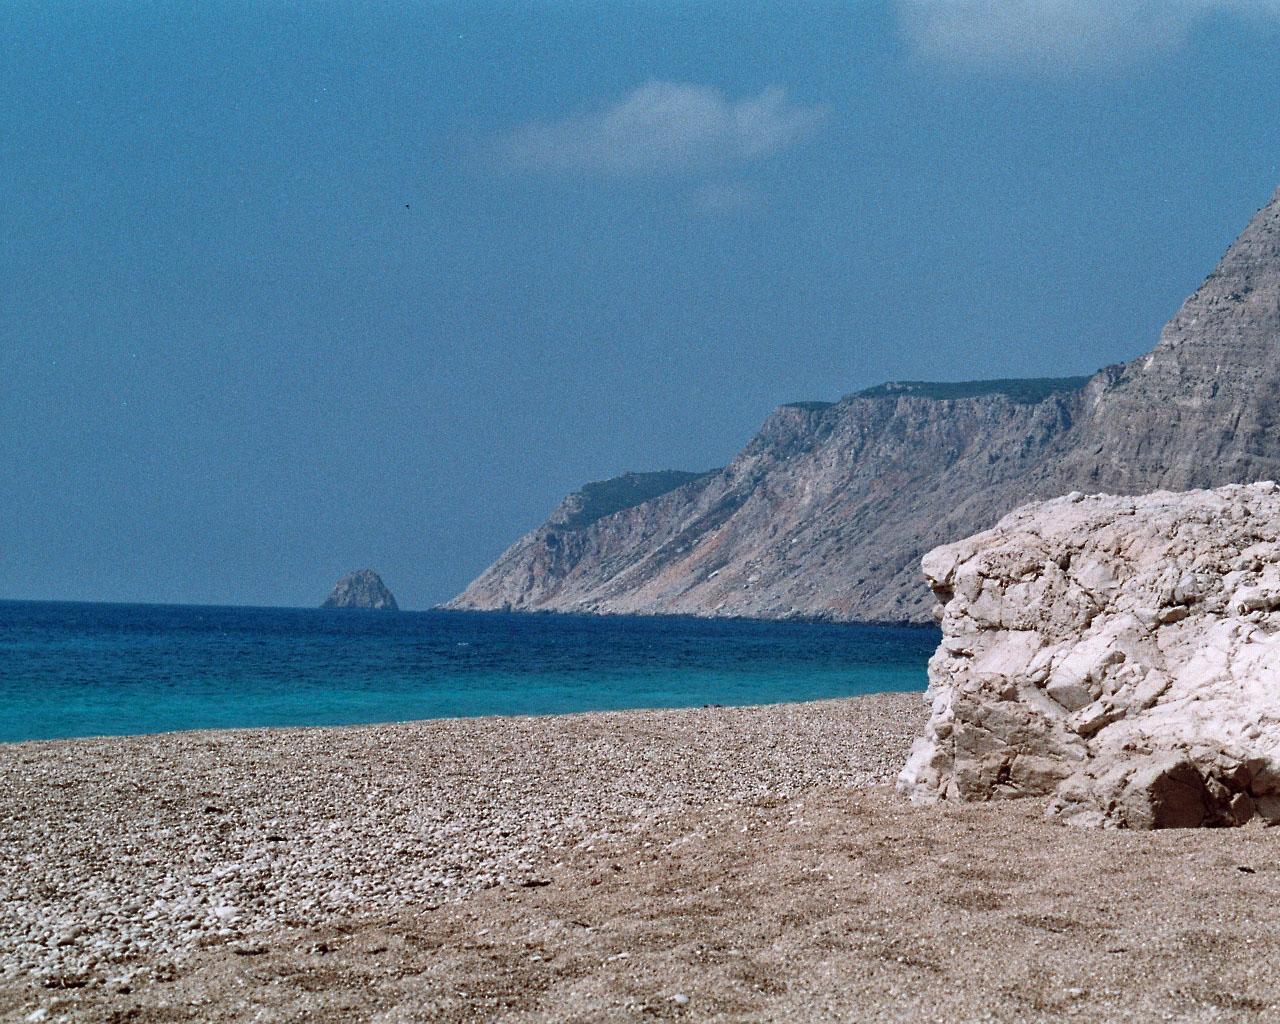 Der einsame Kies-, Sandstrand 'Ammos' auf der Halbinsel Palikí